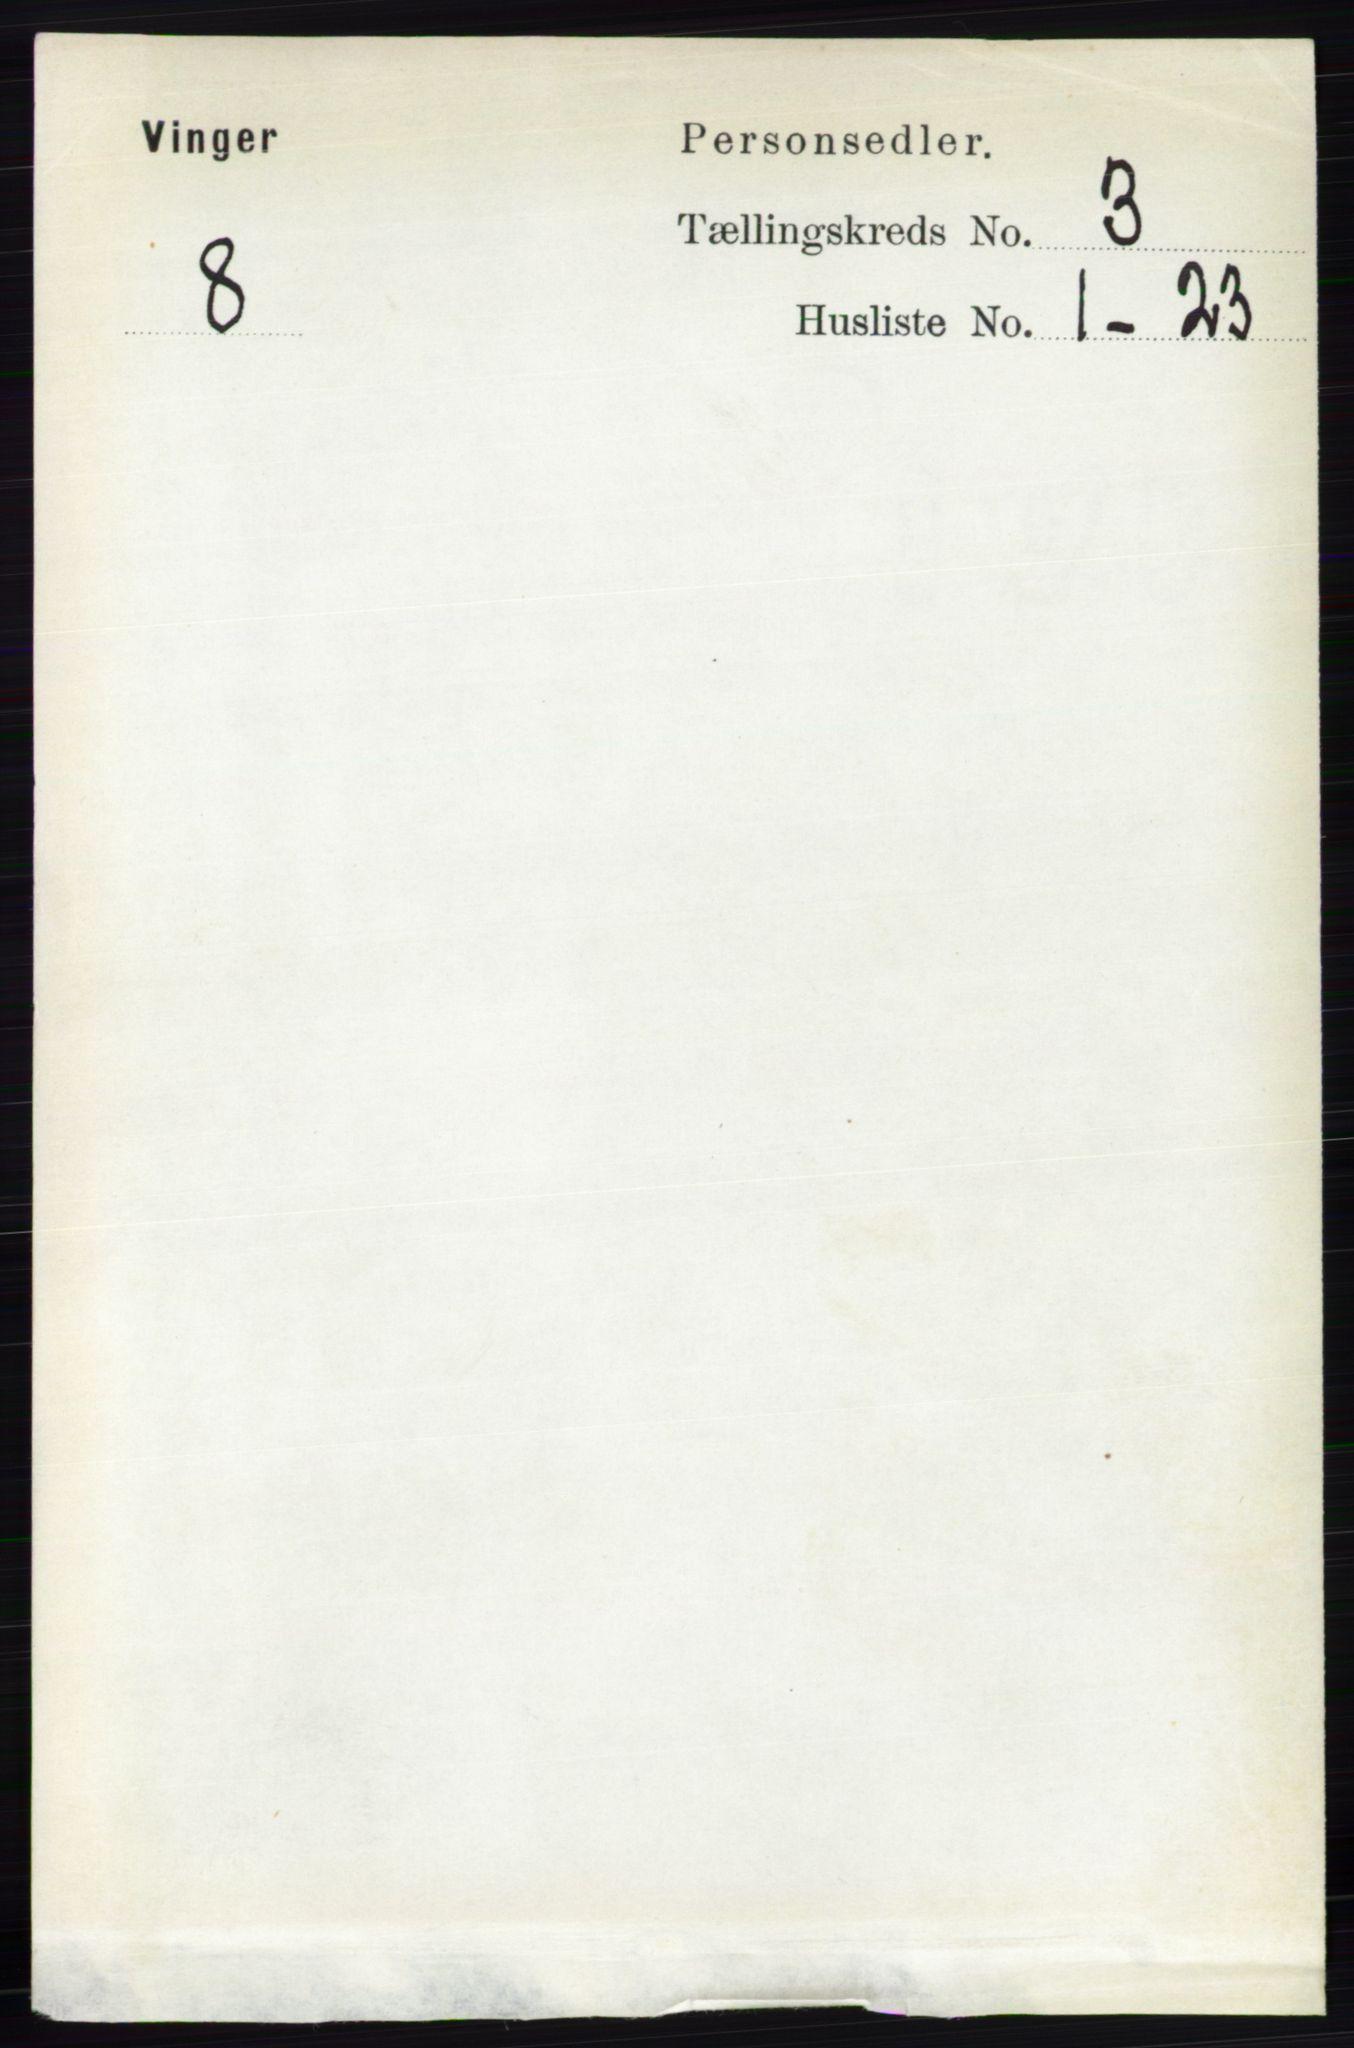 RA, Folketelling 1891 for 0421 Vinger herred, 1891, s. 893